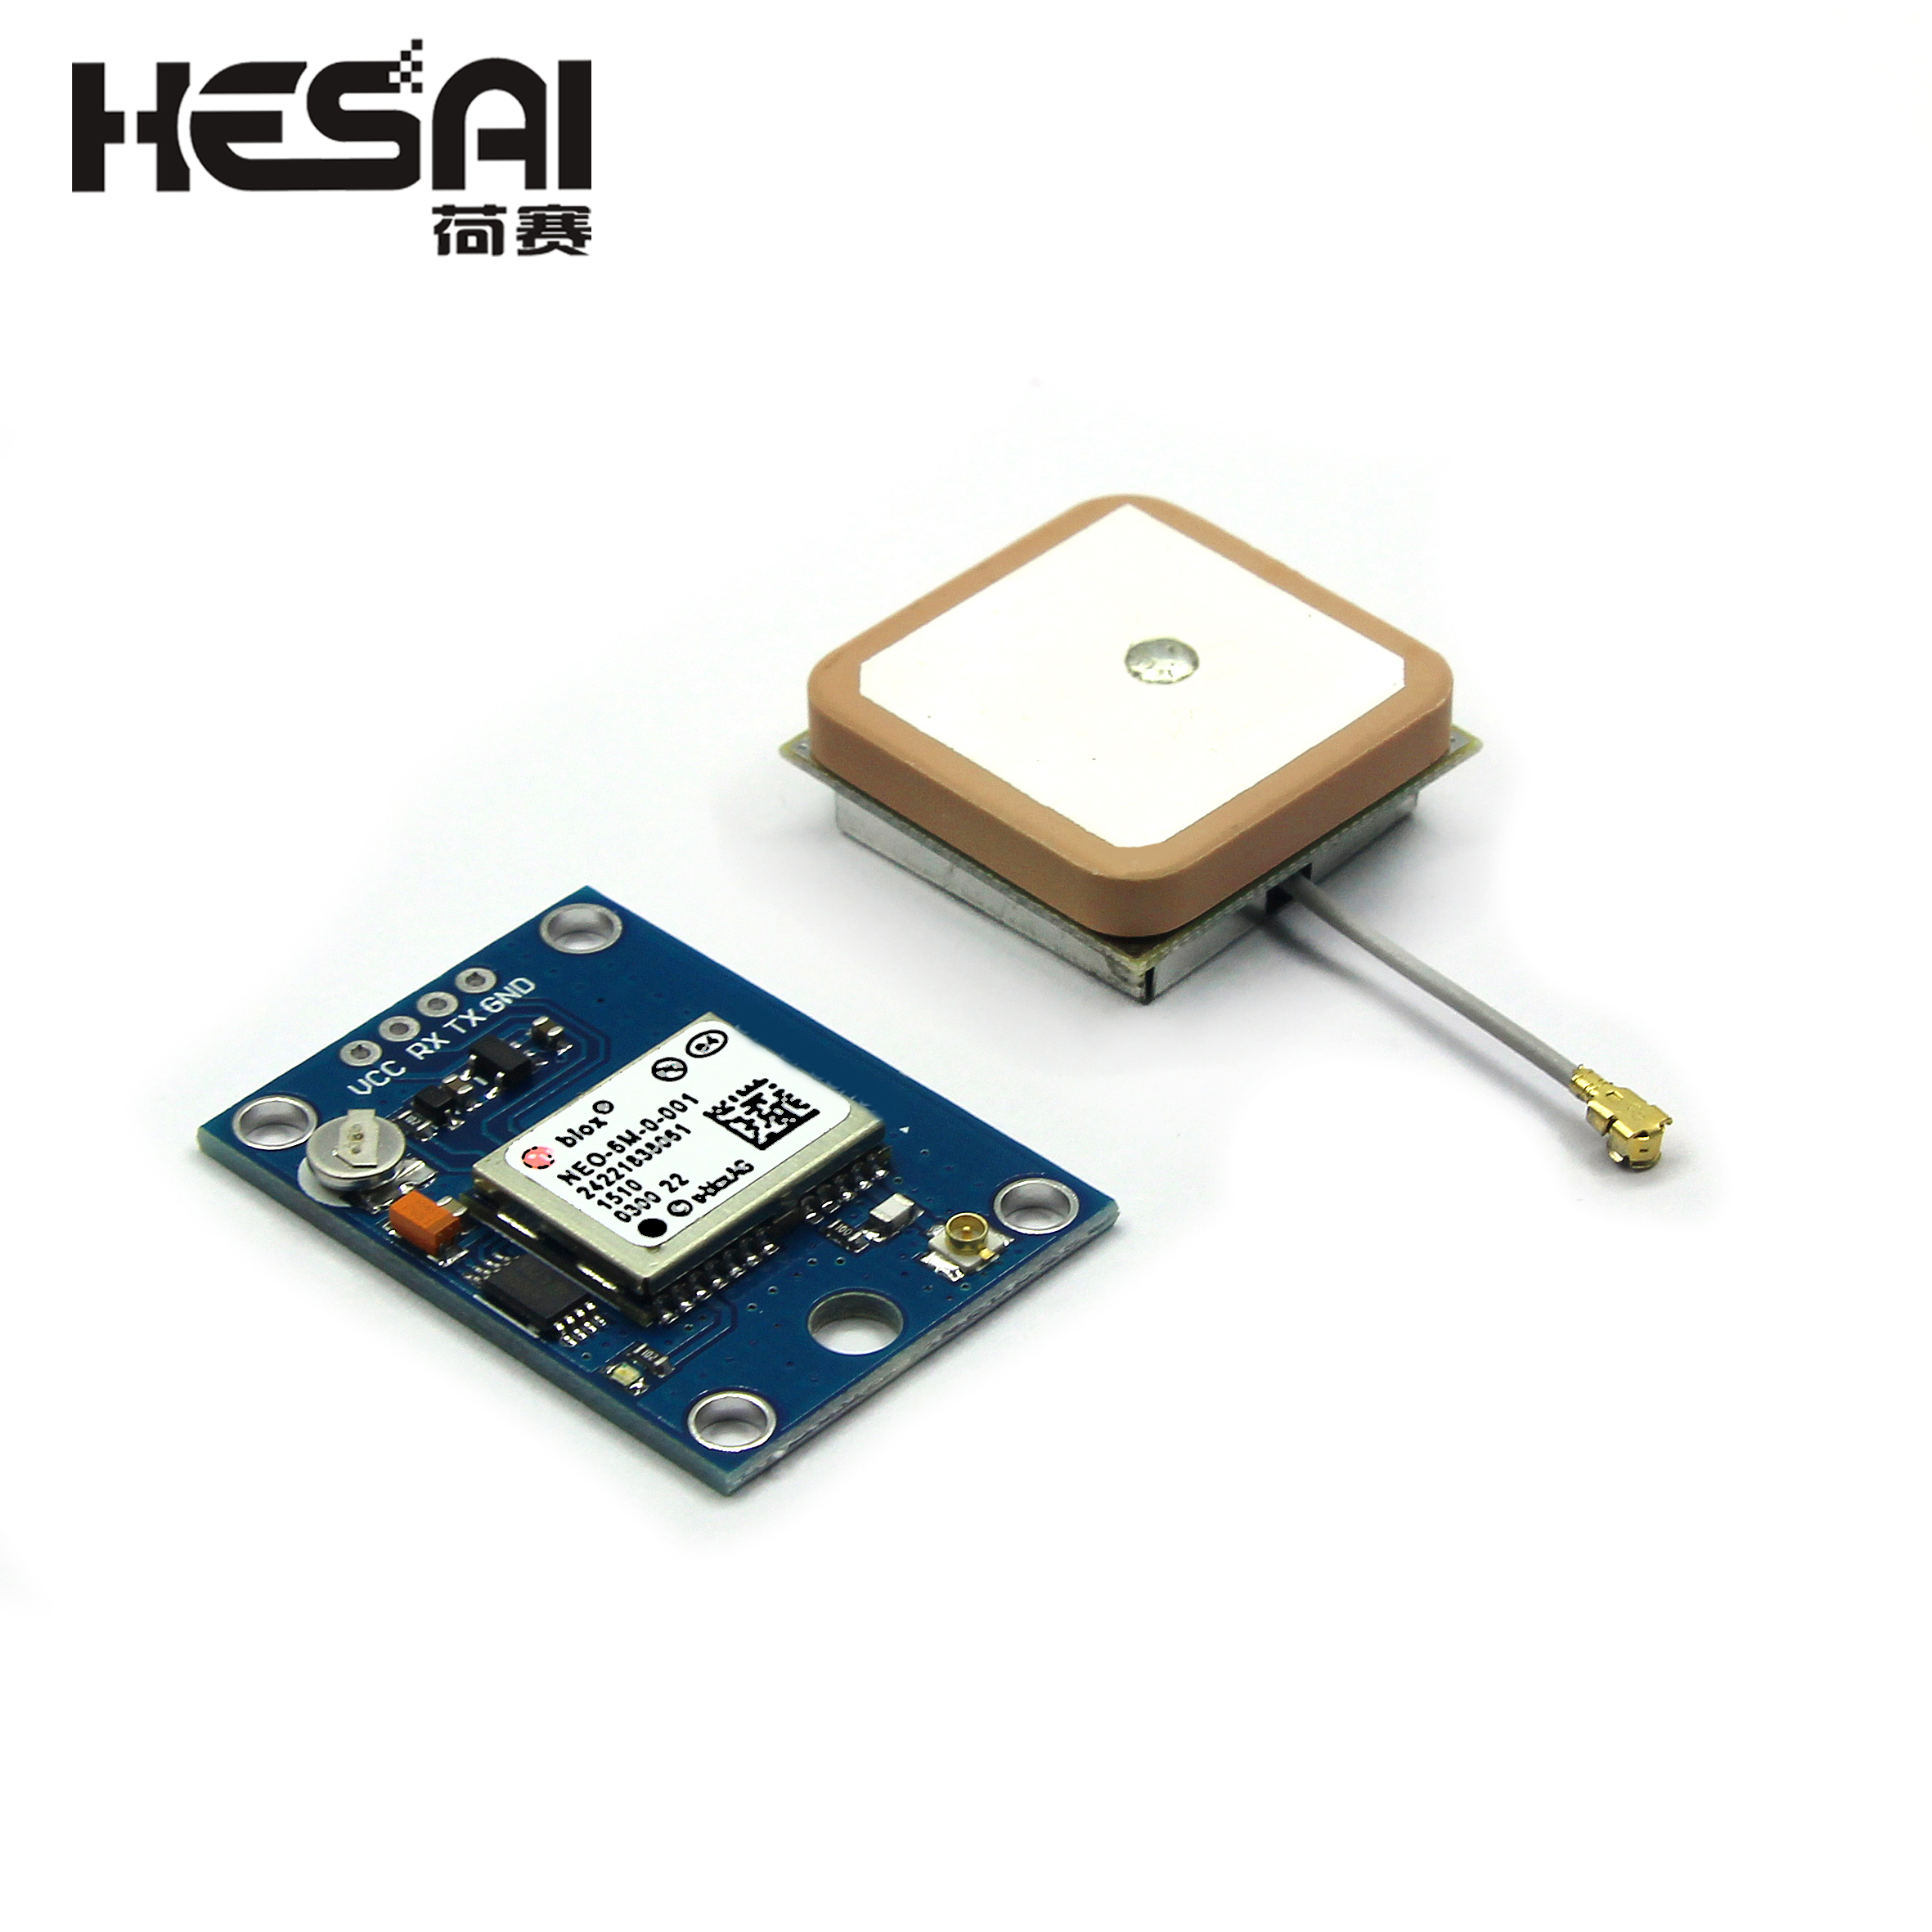 gy-neo6mv2-nouveau-module-gps-neo-6m-neo6mv2-avec-commande-de-vol-eeprom-mwc-apm25-grande-antenne-pour-font-b-arduino-b-font